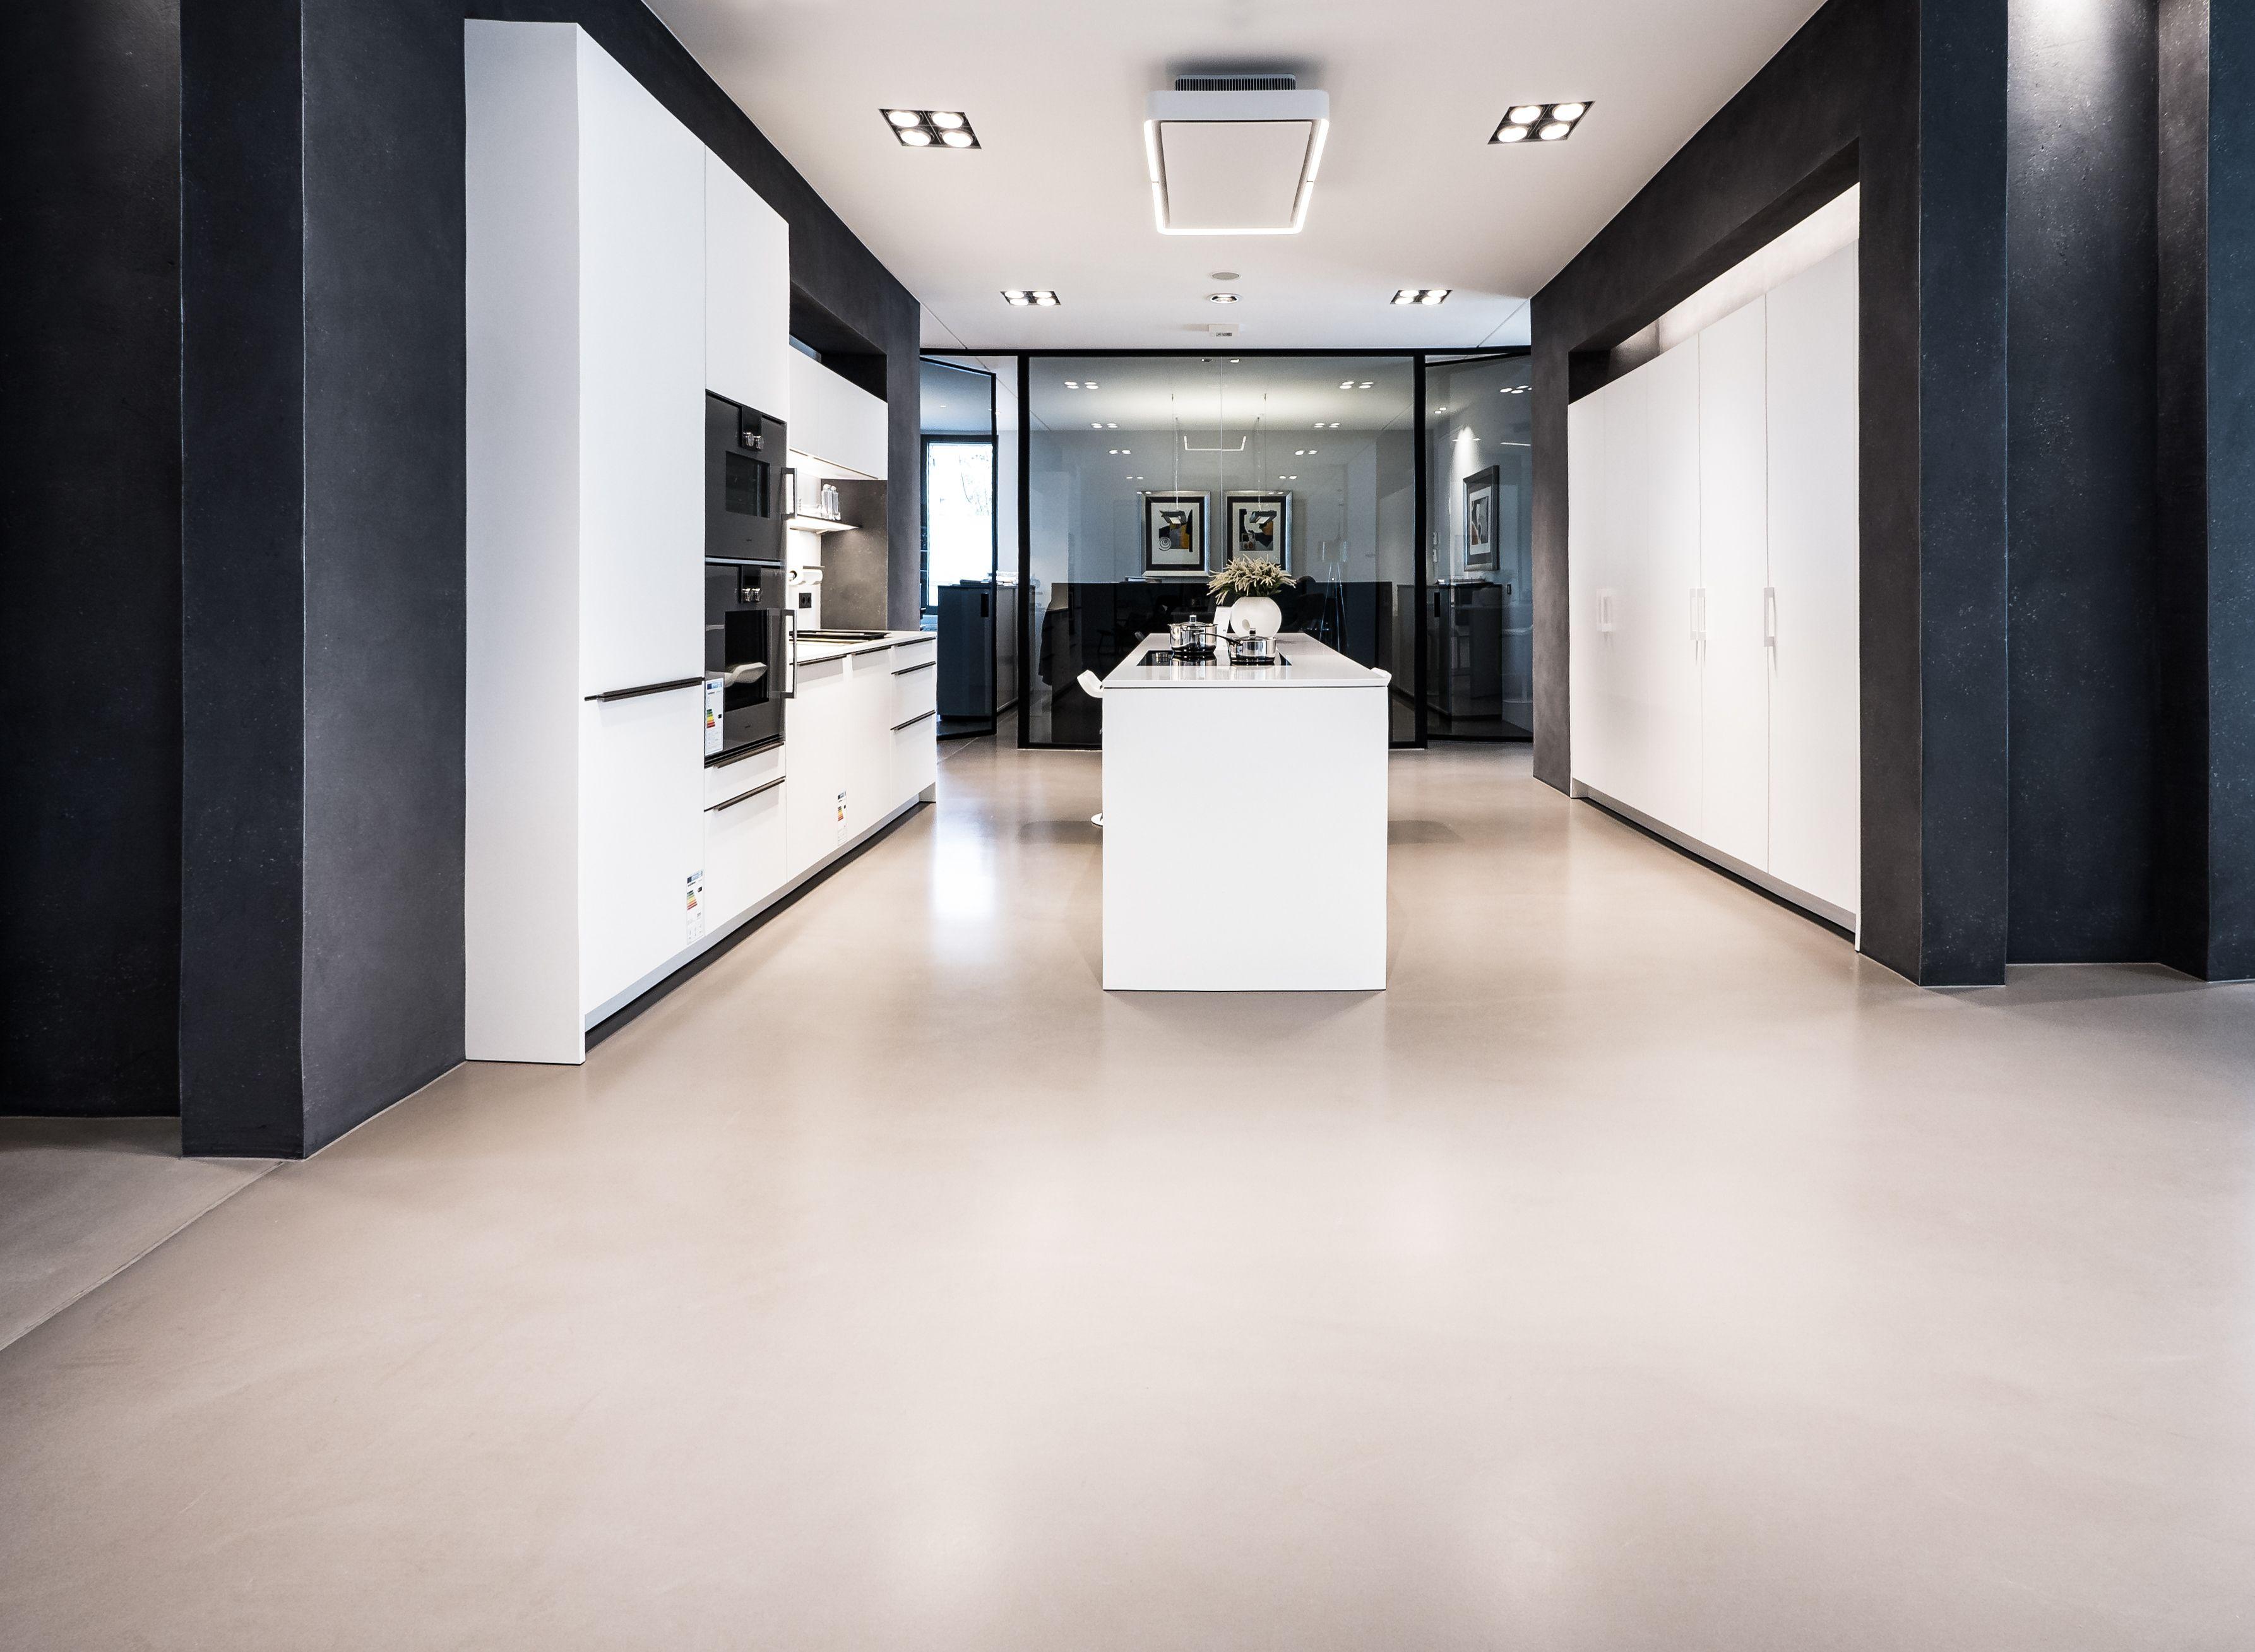 Remarkable Küche Boden Best Choice Of Creafloor® Design Spachtel Küche Sichtestrich Designboden Beton